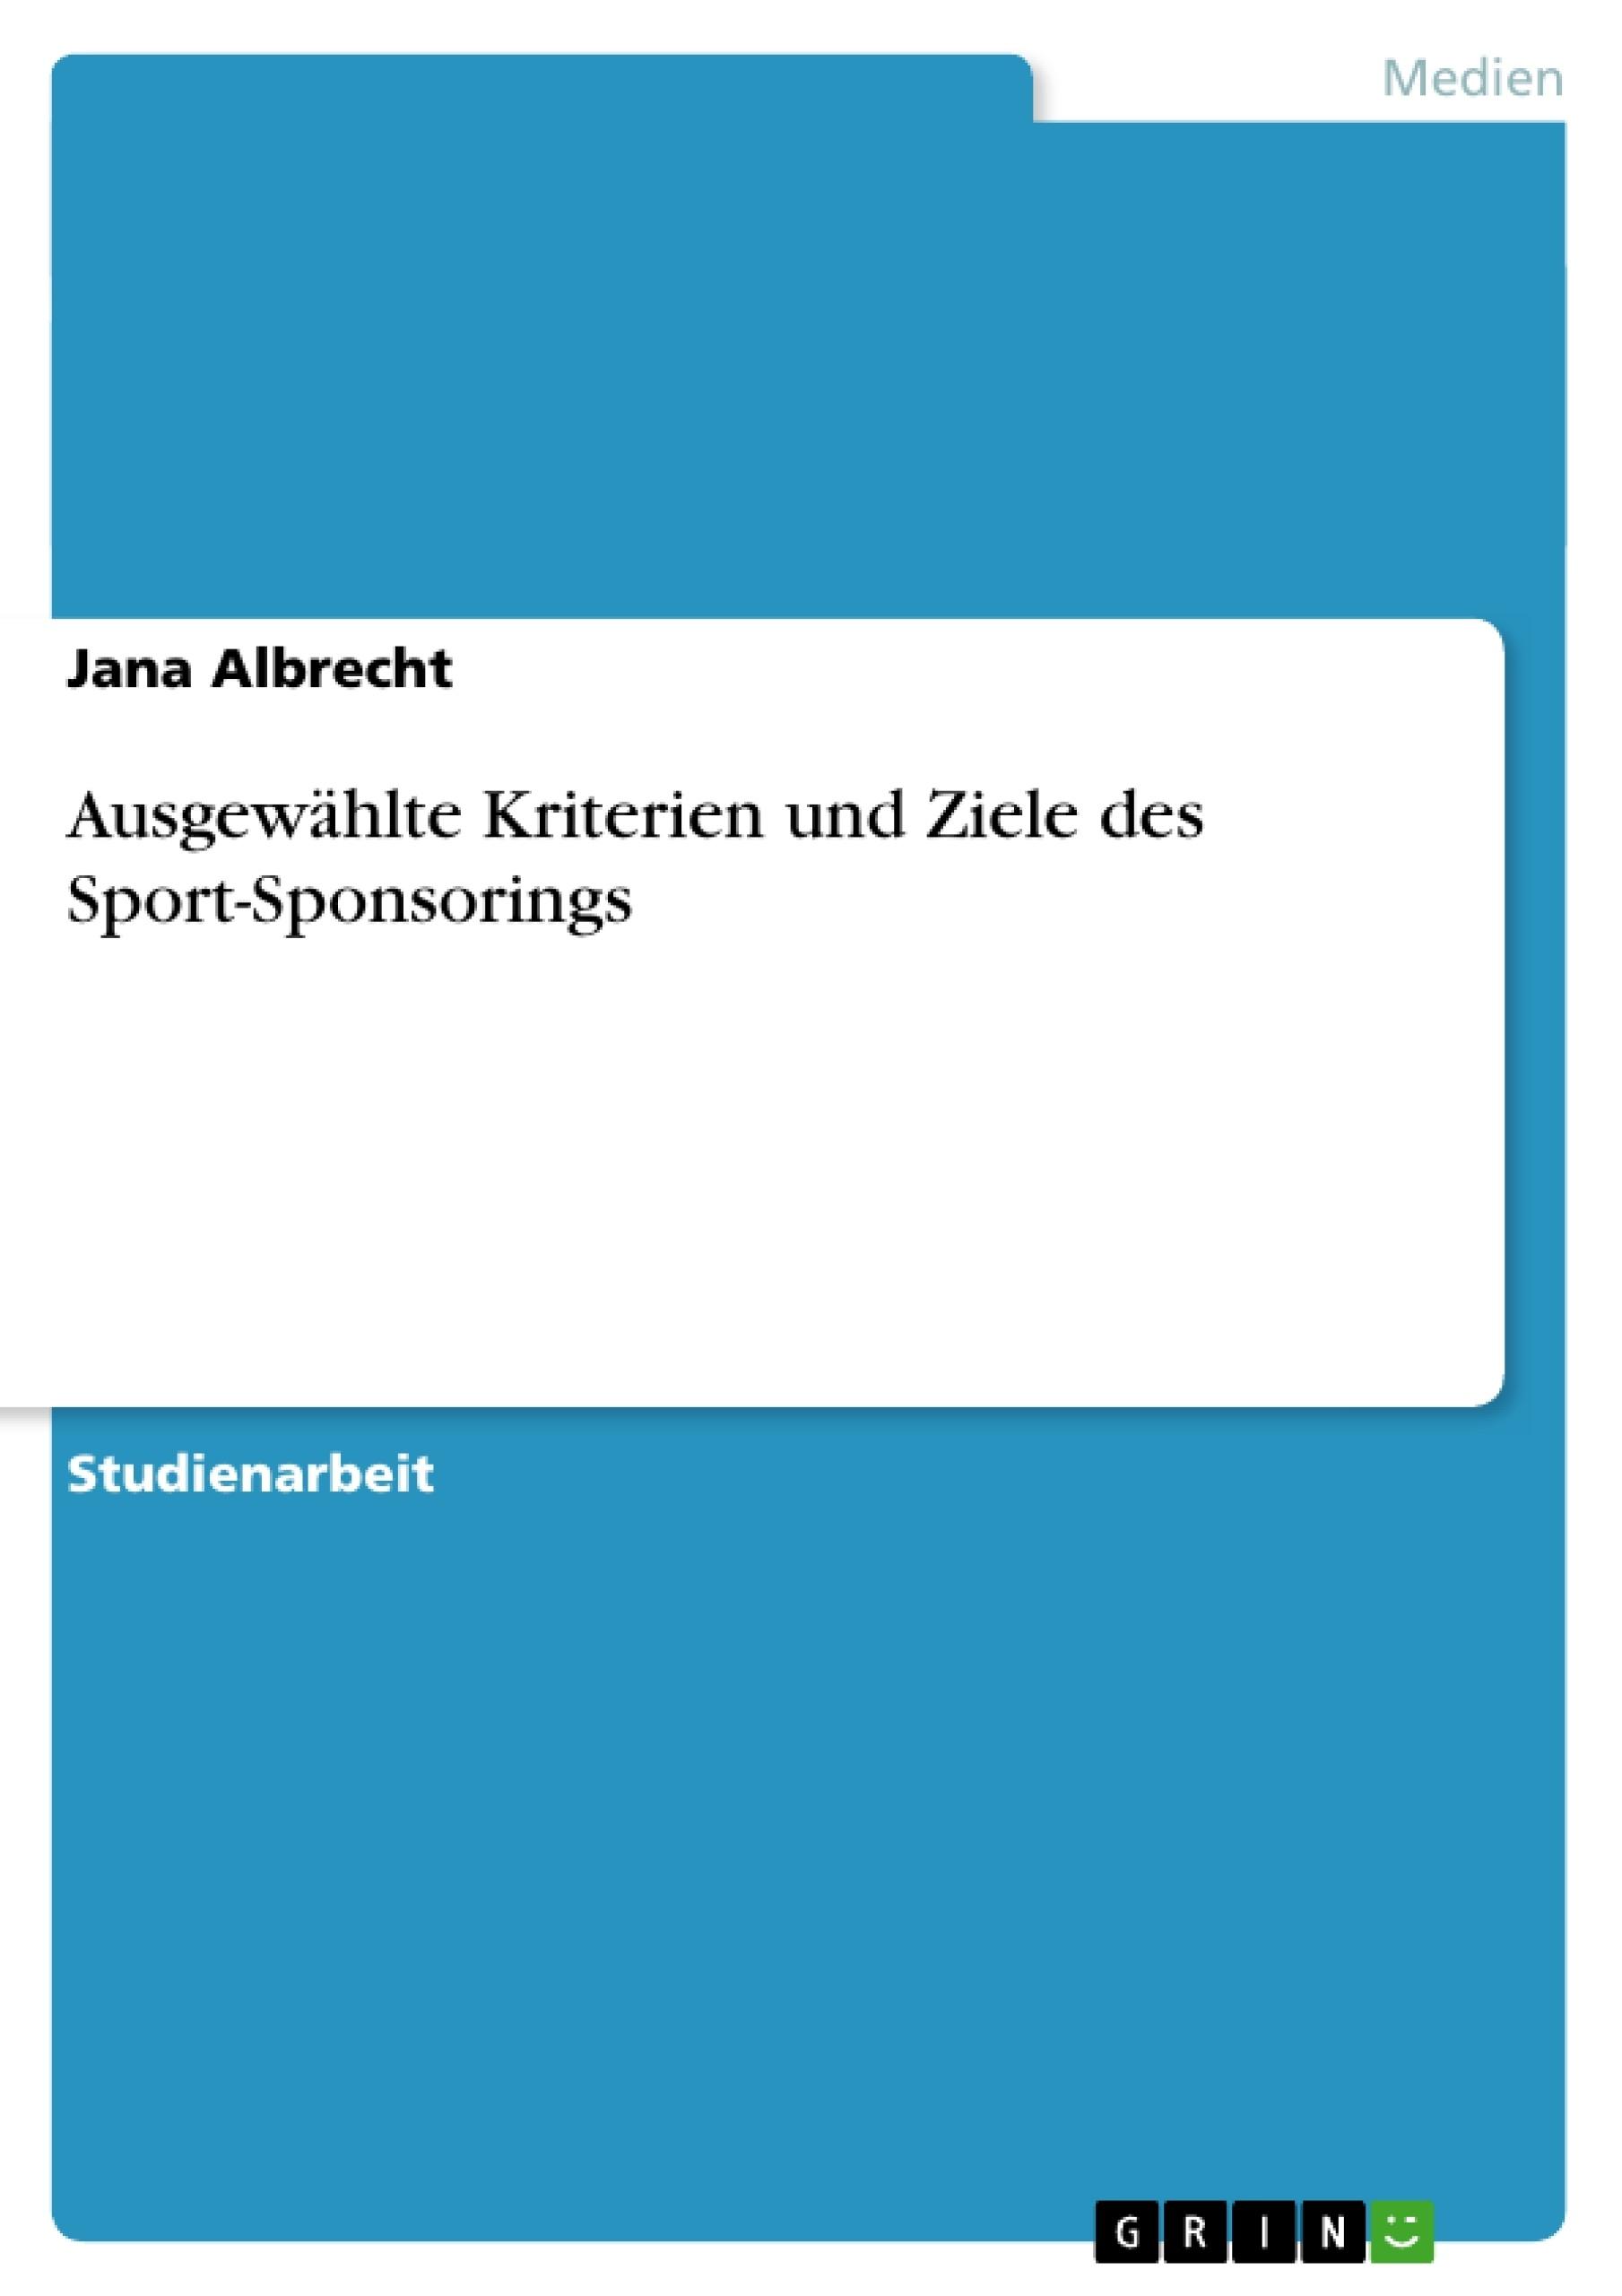 Titel: Ausgewählte Kriterien und Ziele des Sport-Sponsorings